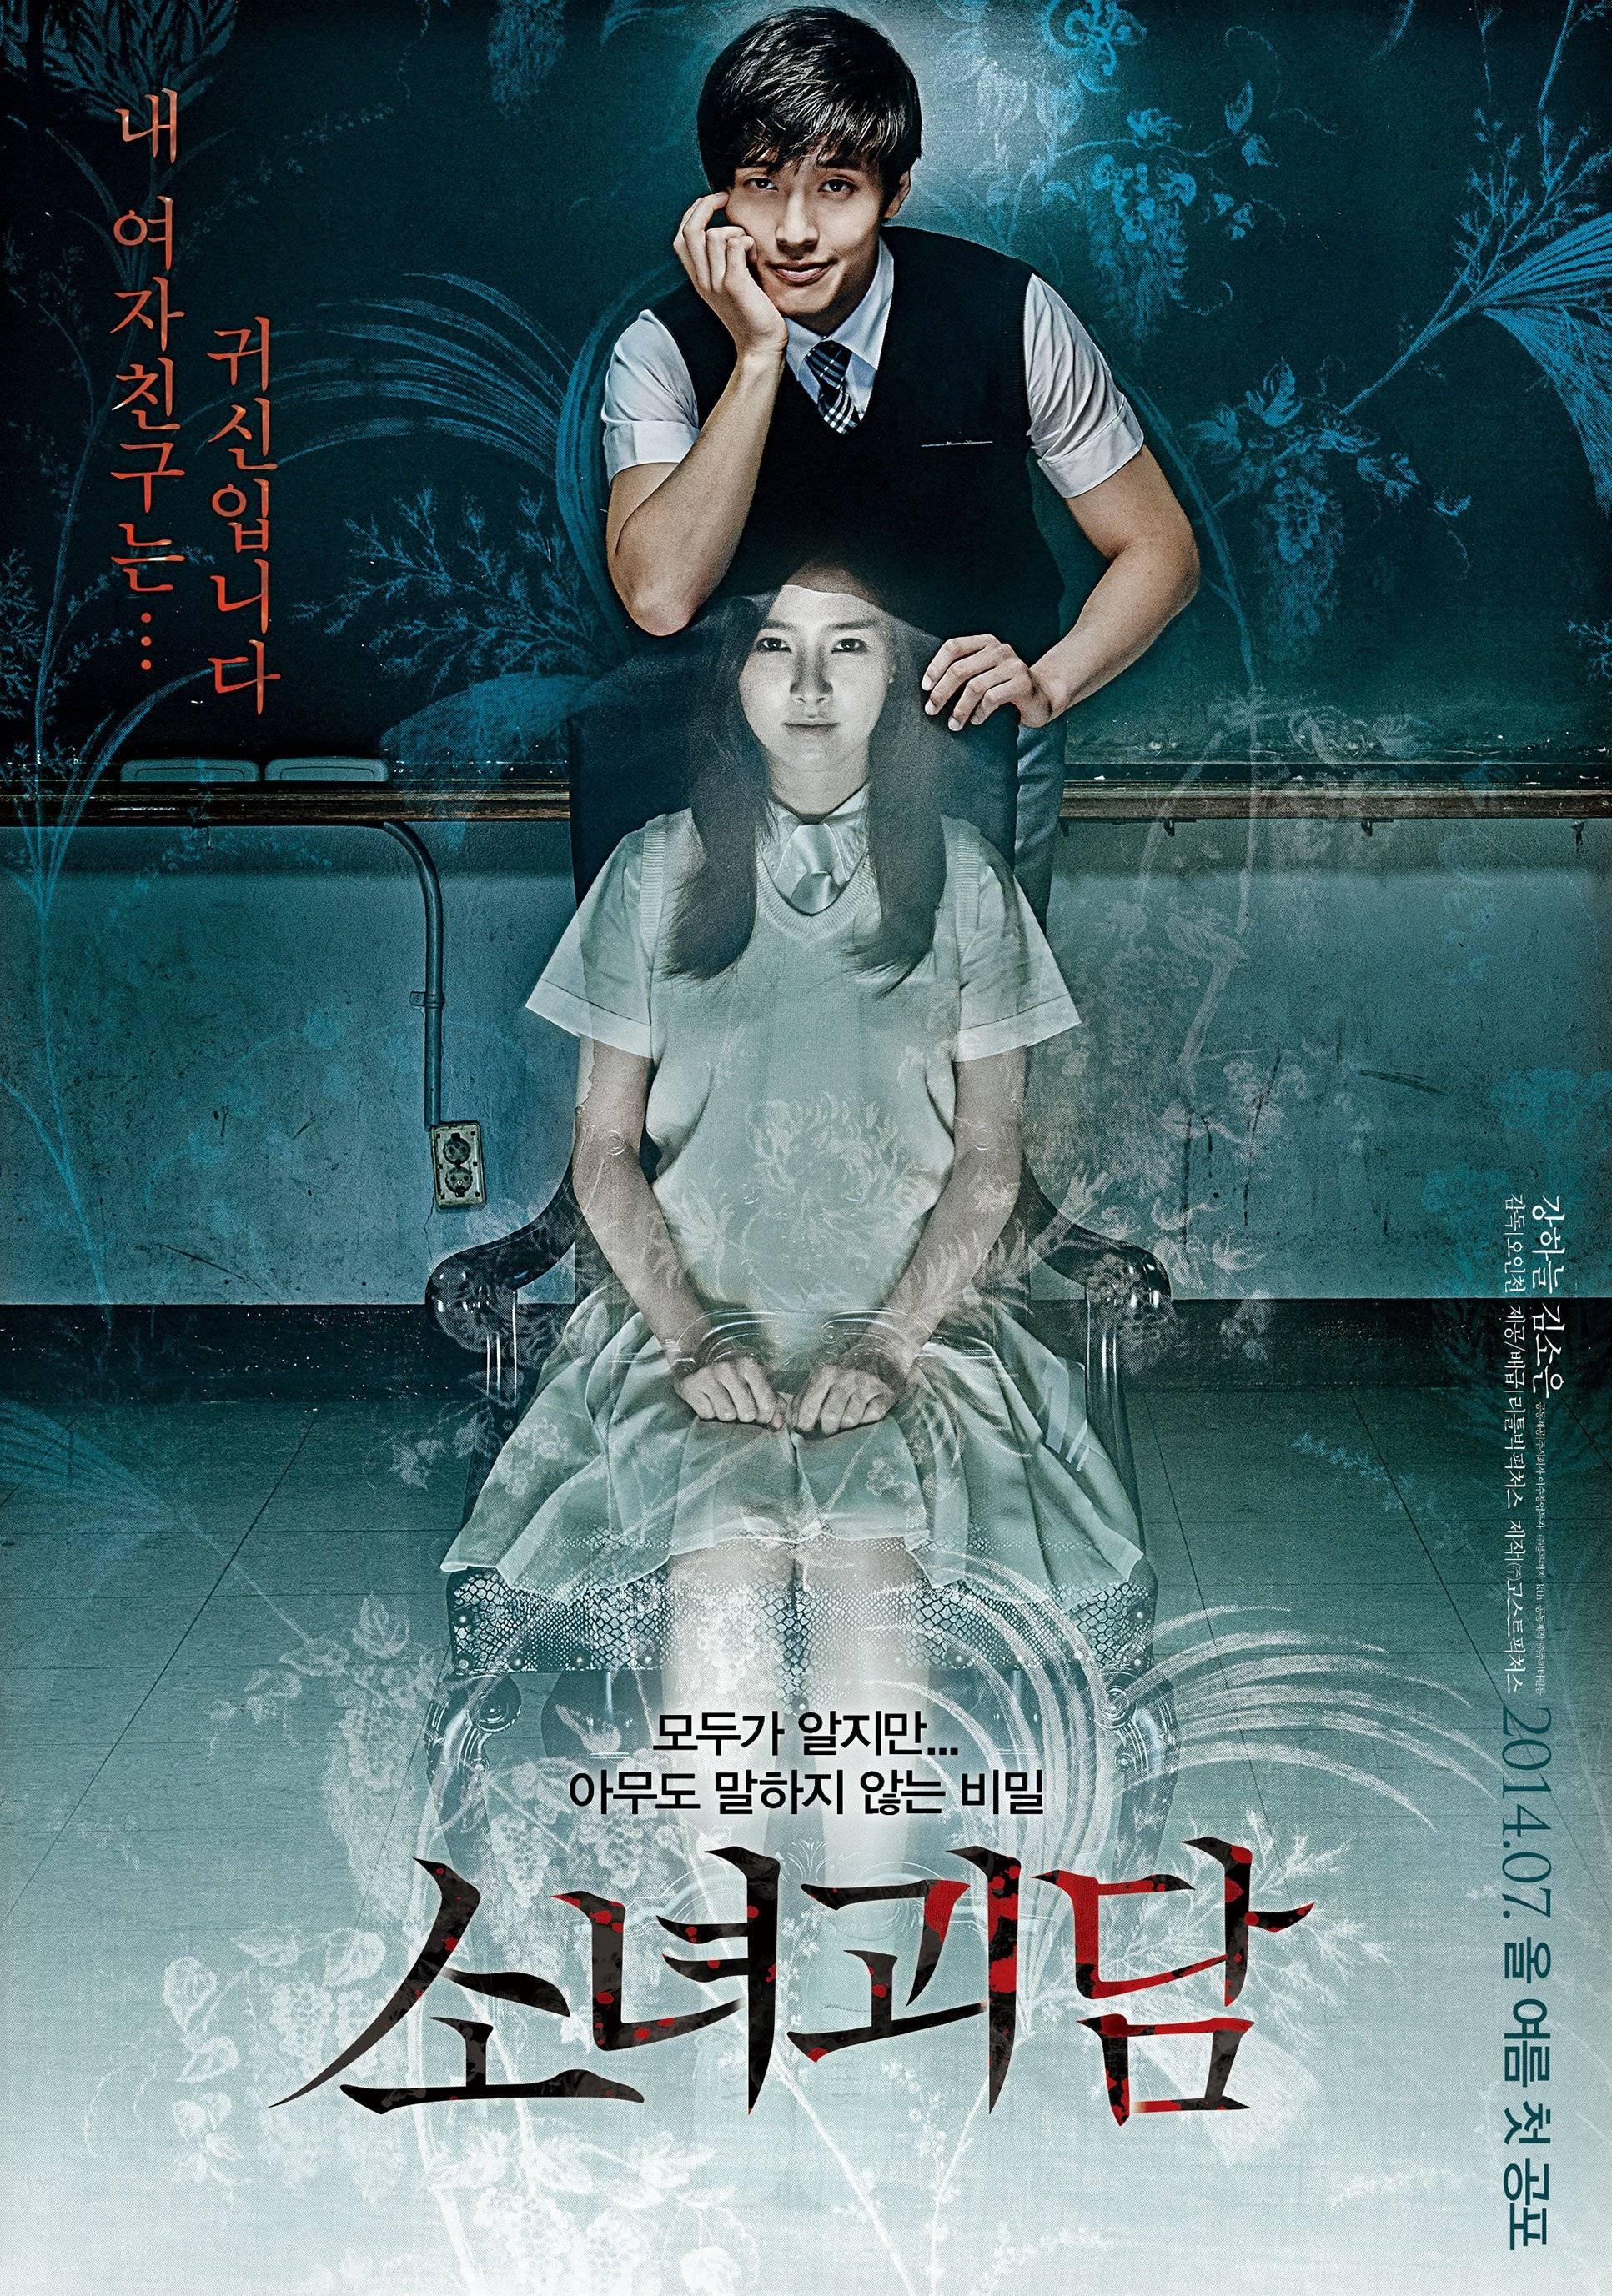 فيلم الرعب الكوري  Mourning Grave 2014 مترجم أونلاين